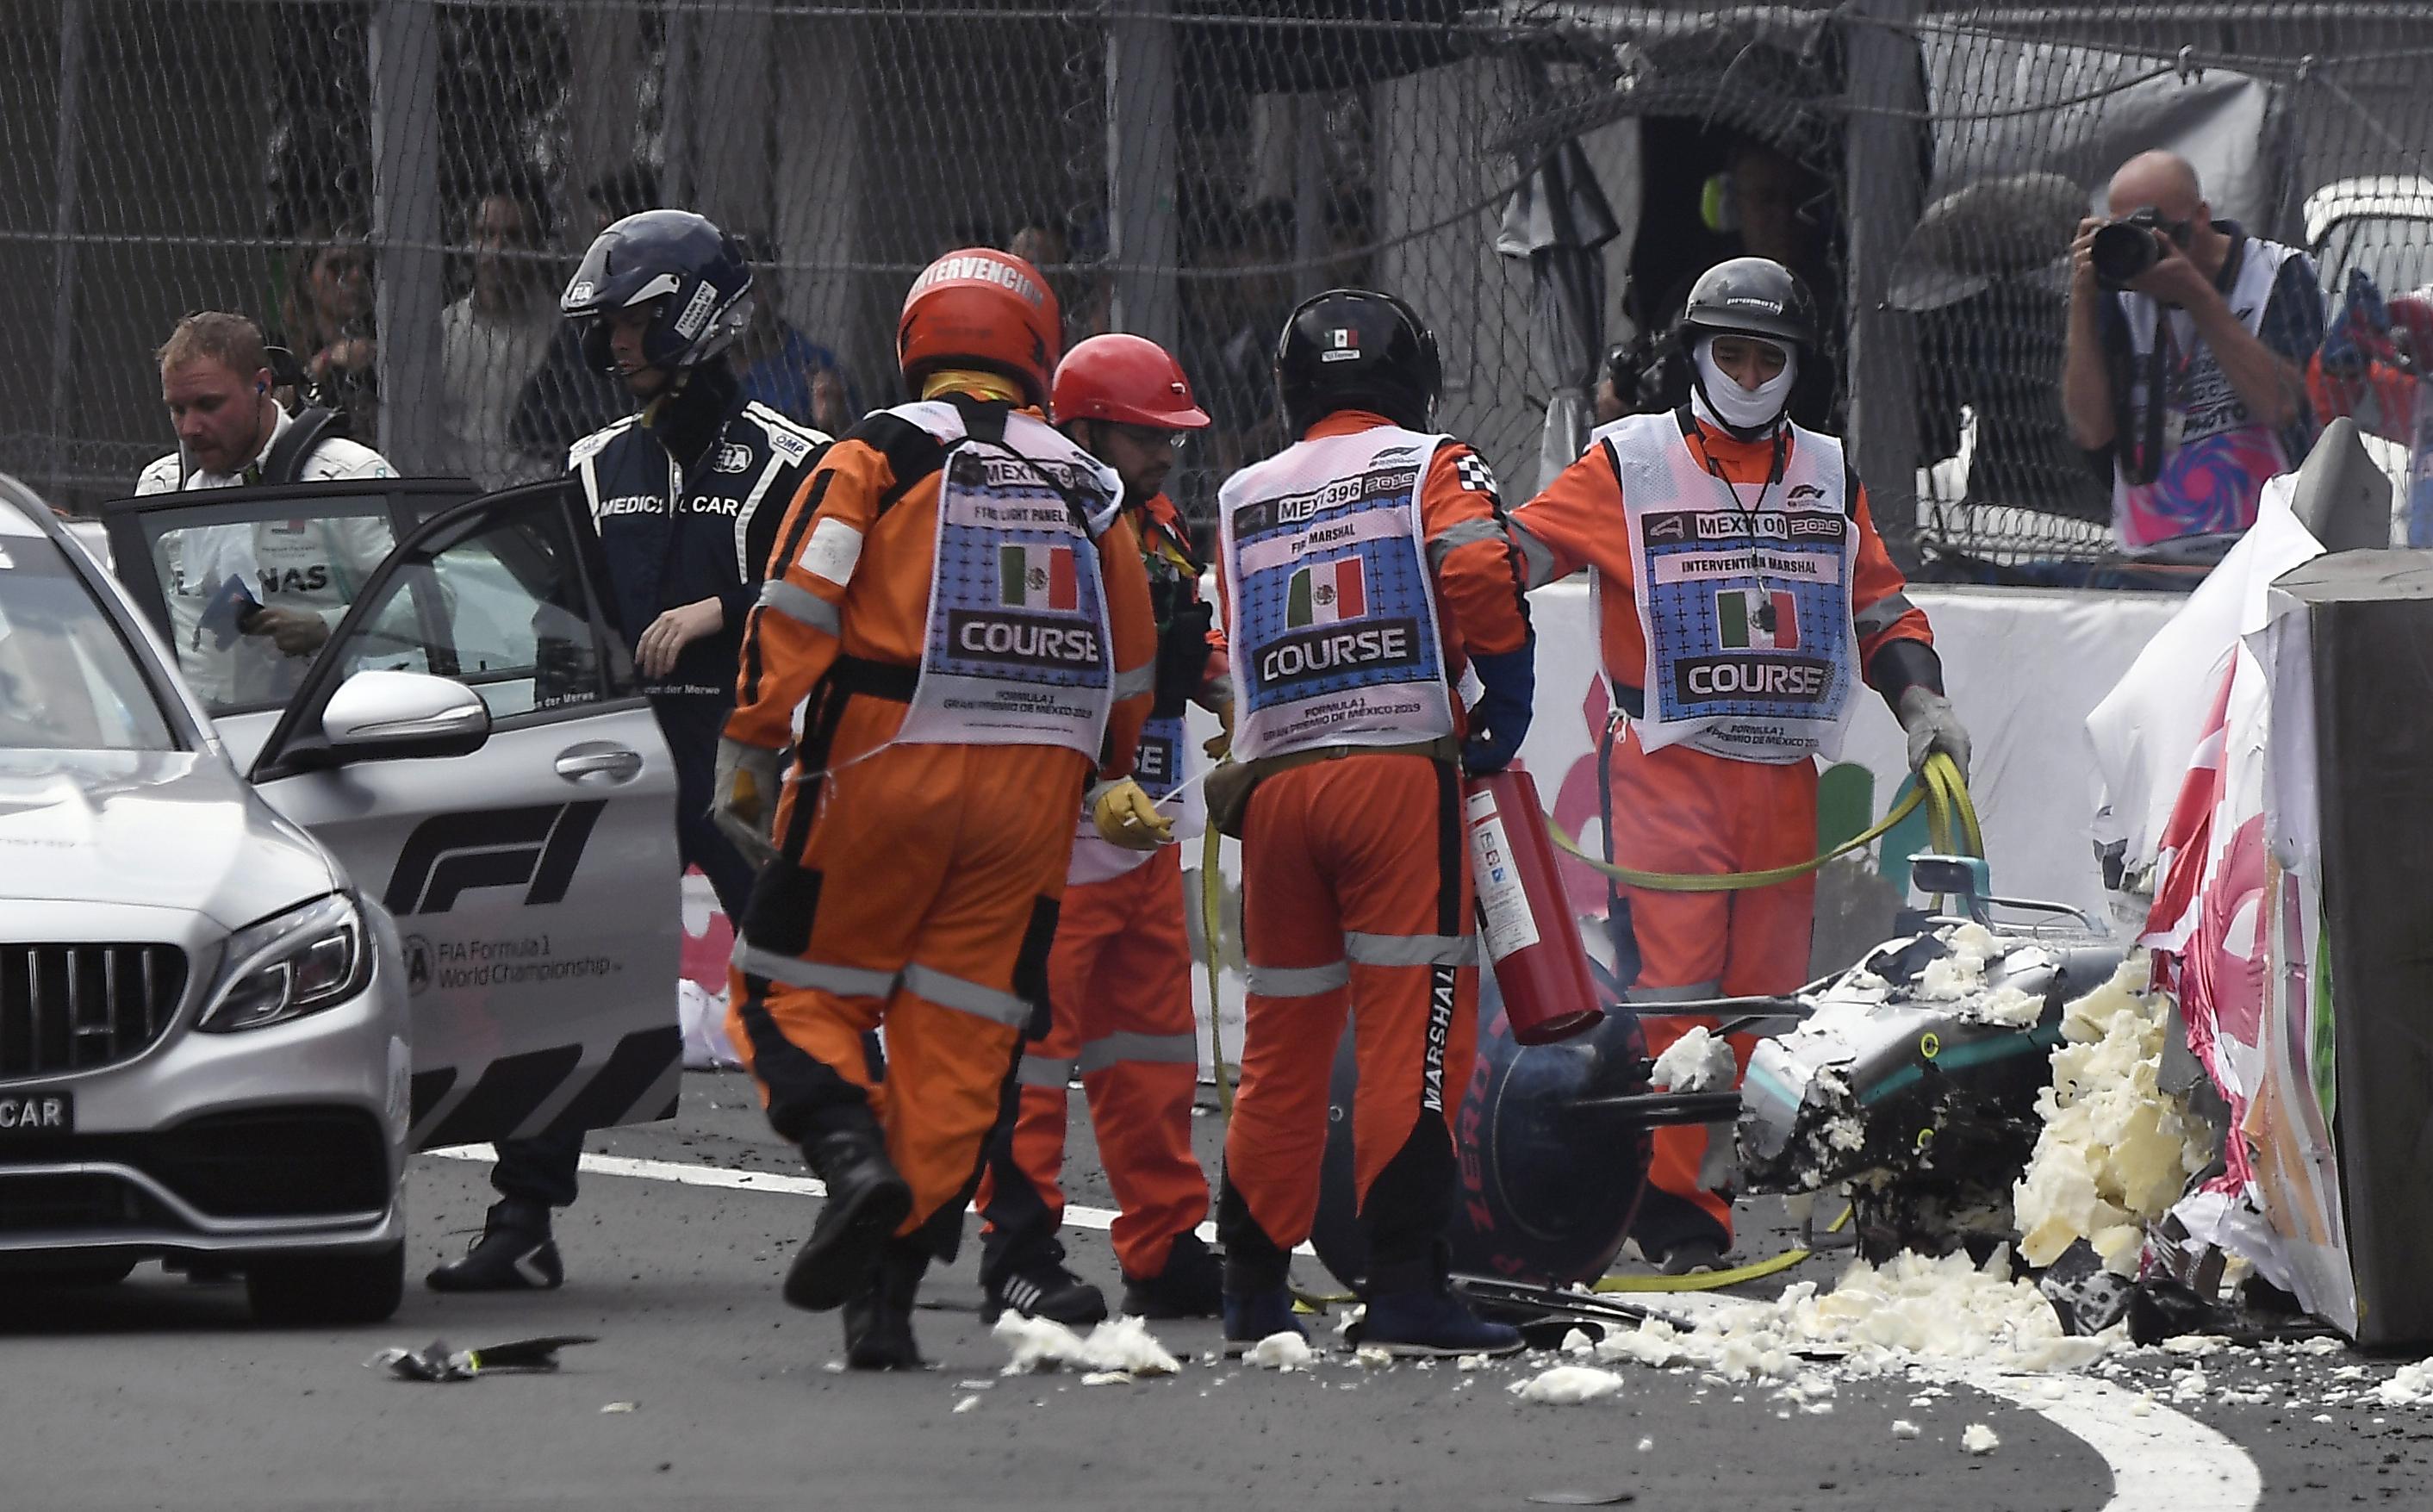 Valtteri Bottas estampó su coche contra el muro del Autódromo Hermanos Rodríguez durante la sesión de clasificación (Foto: ALFREDO ESTRELLA / AFP)